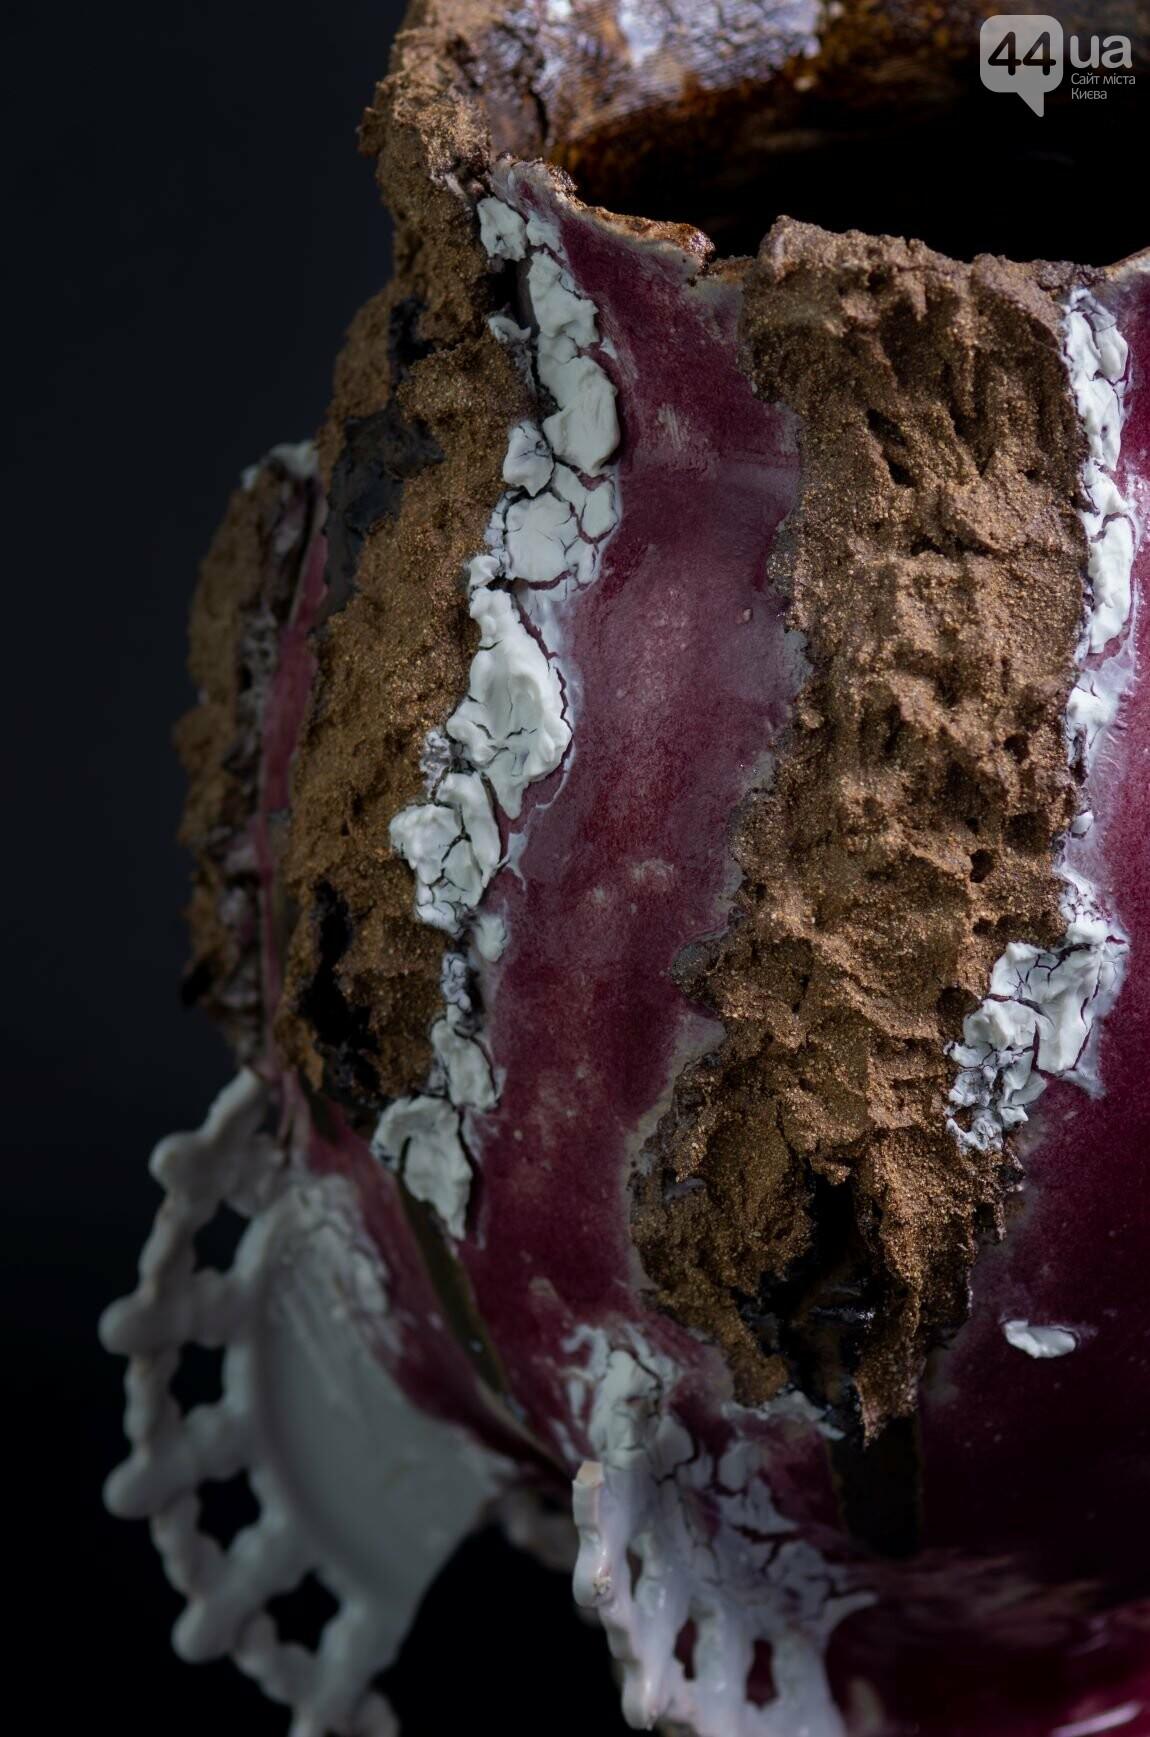 Выставка Татьяны Забелиной «Сила глины: оставляя место случайности и несовершенству» , фото-3